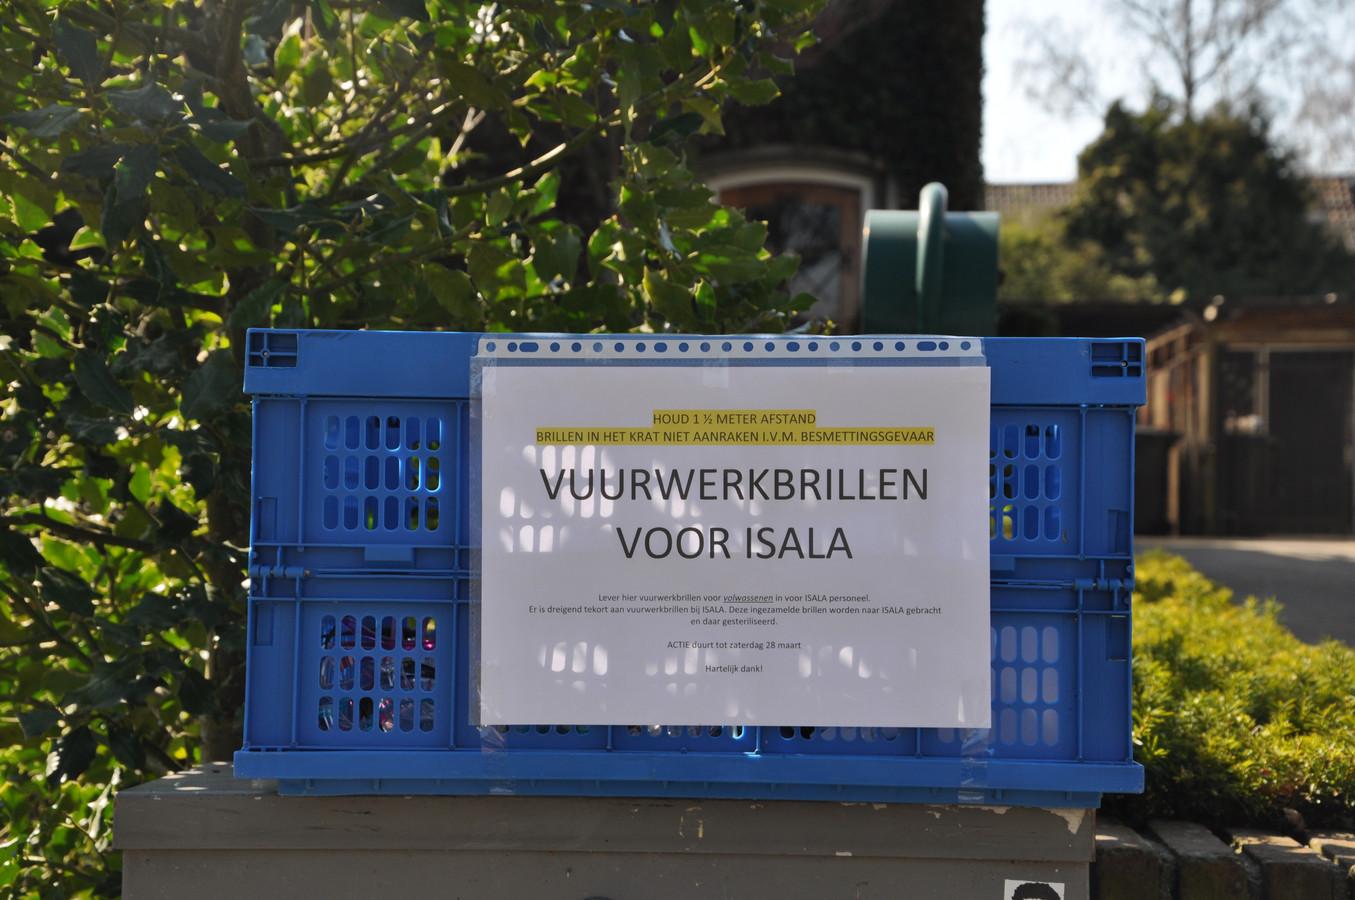 Inzameling van vuurwerkbrillen in Zwolle. In de hele regio zijn inleverpunten ontstaan.